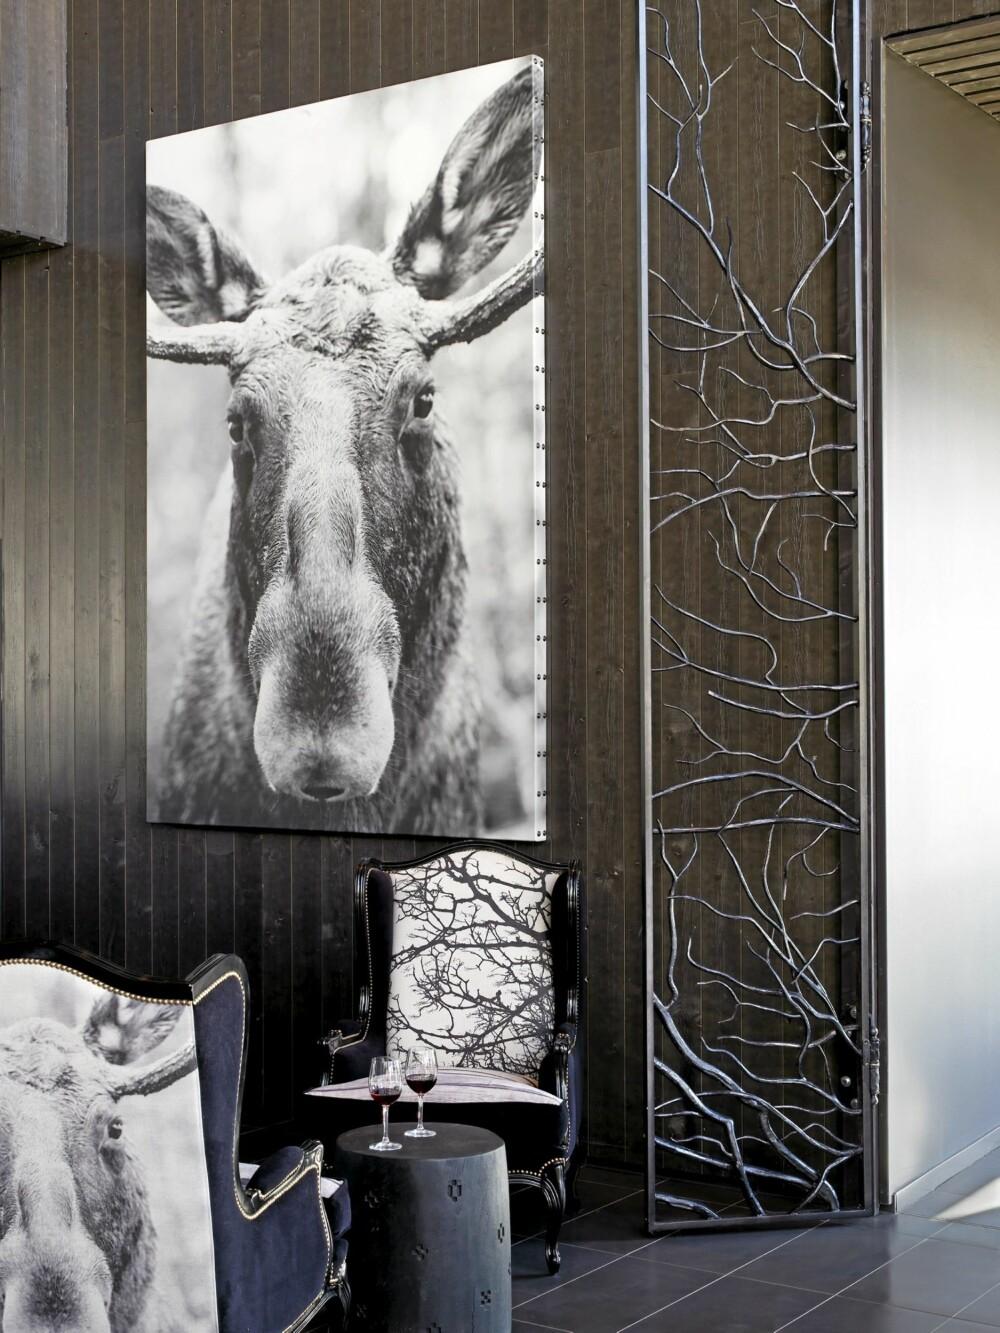 LOKALE DYREMOTIVER: Det er fotograf Ole Walter Jacobsens bilder som er blitt benyttet på hotellet. Motivene finner vi på stoler, lampeskjermer og som bilder på veggene. Et gjennomgående finurlig konsept laget spesielt for Norefjell.